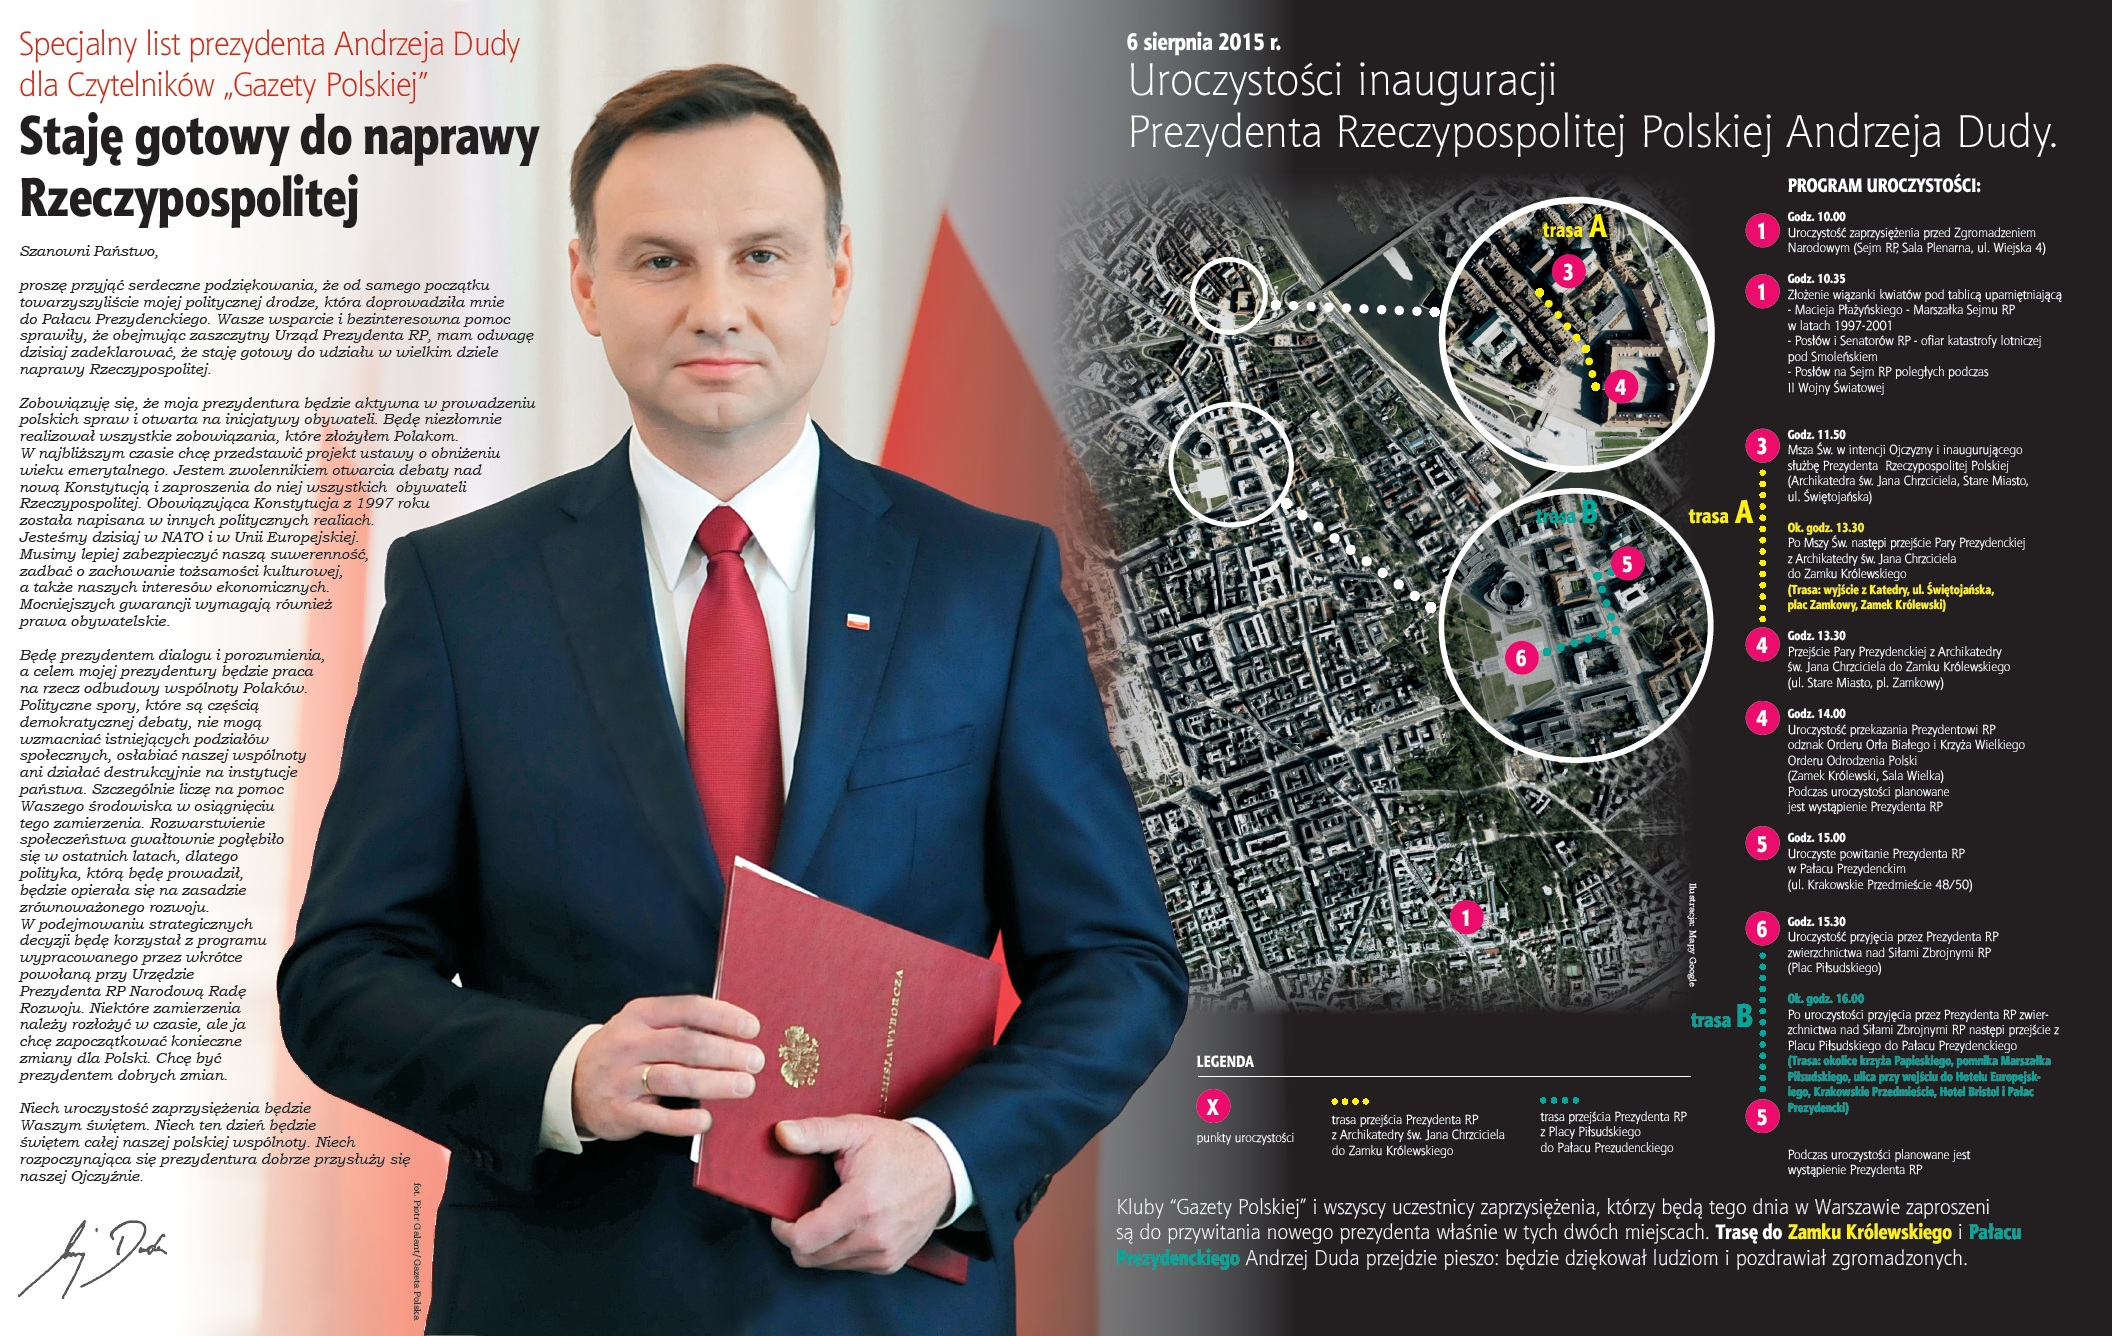 Andrzej Duda-6 sierpnia